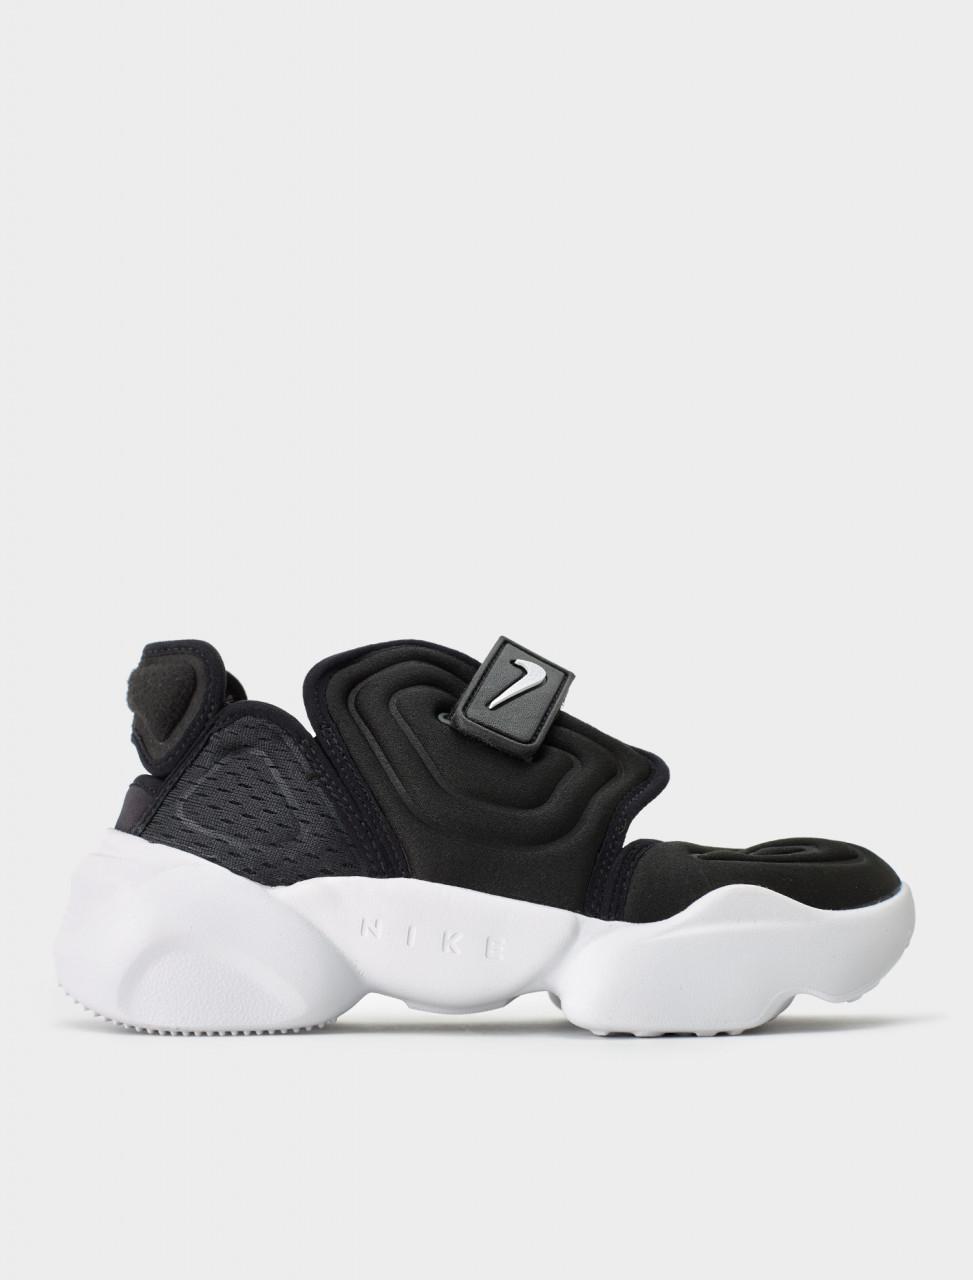 Nike Women's Aqua Rift Sneaker Sandal in Black